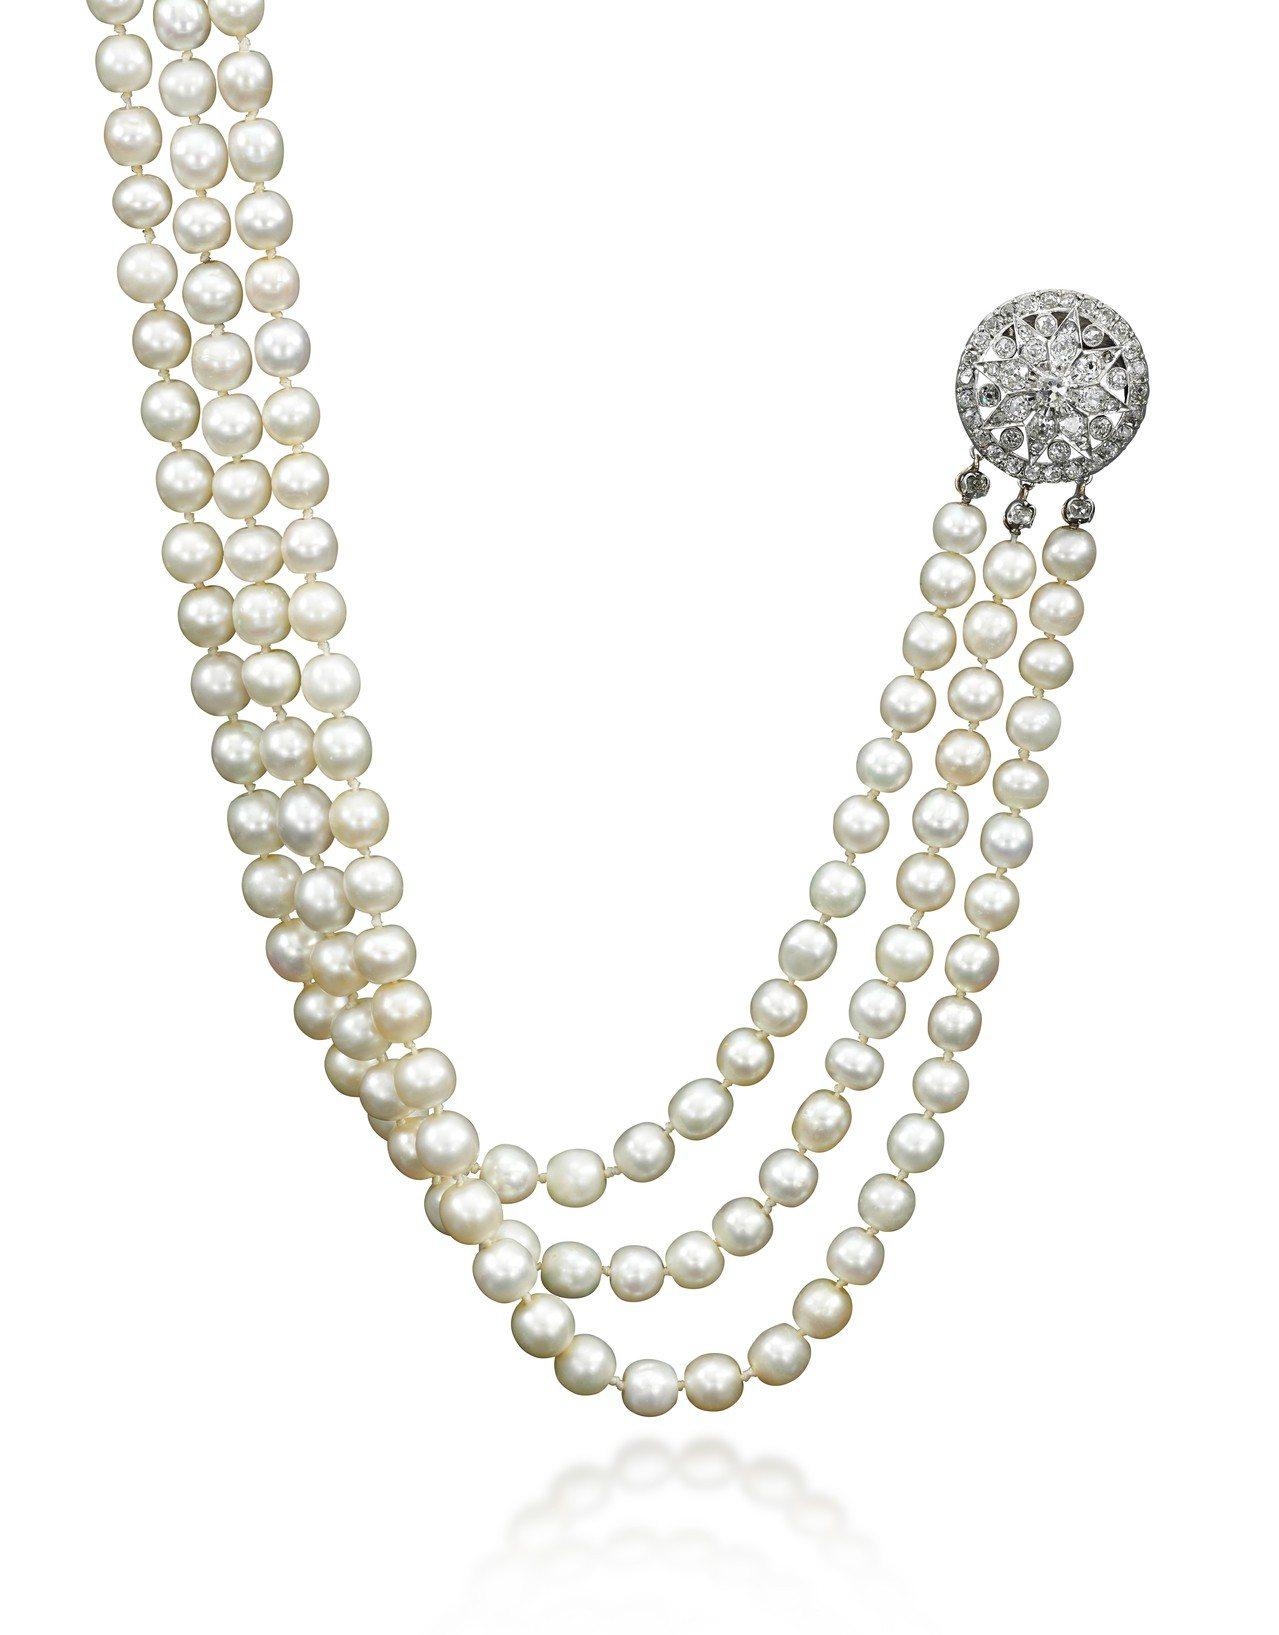 瑪麗安東妮的天然珍珠配鑽石項鍊,估價約620萬元。圖/蘇富比提供